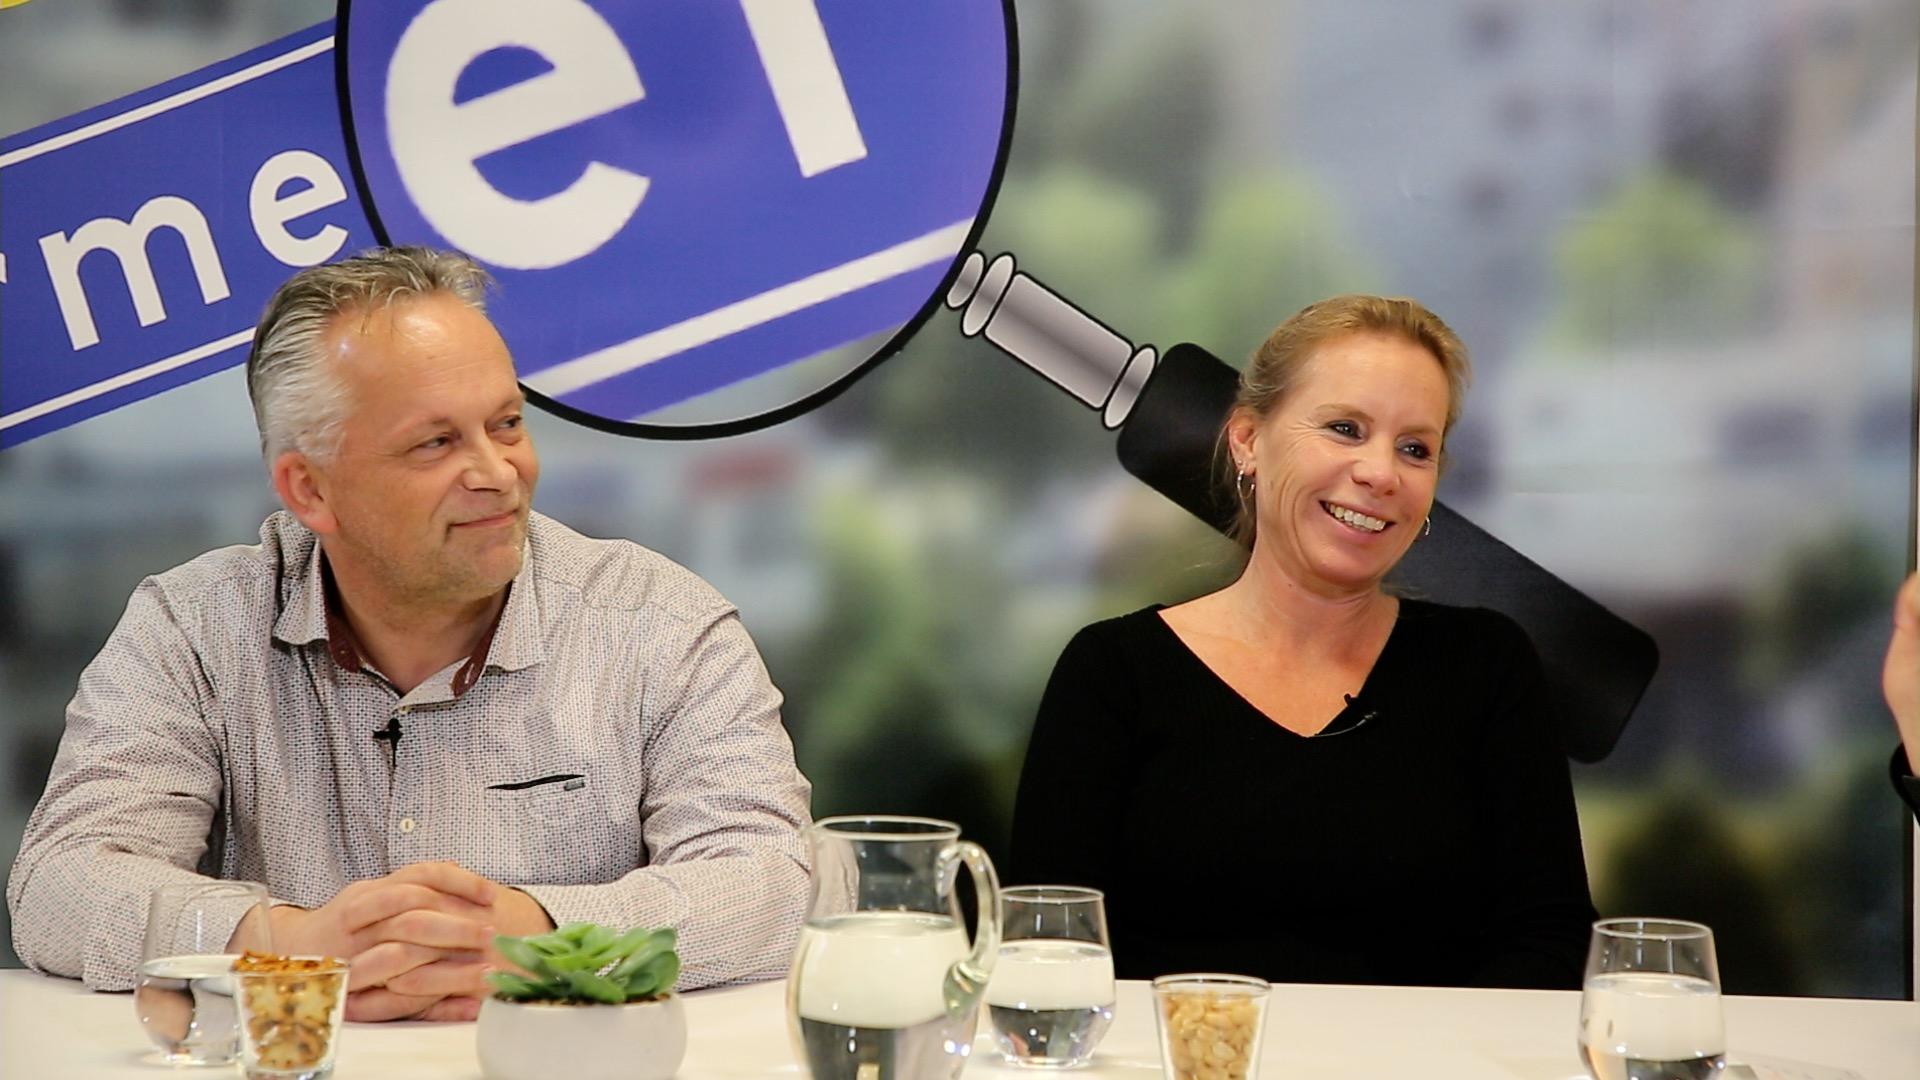 Focus op Zoetermeer (Jaargang 2 Aflevering 4)